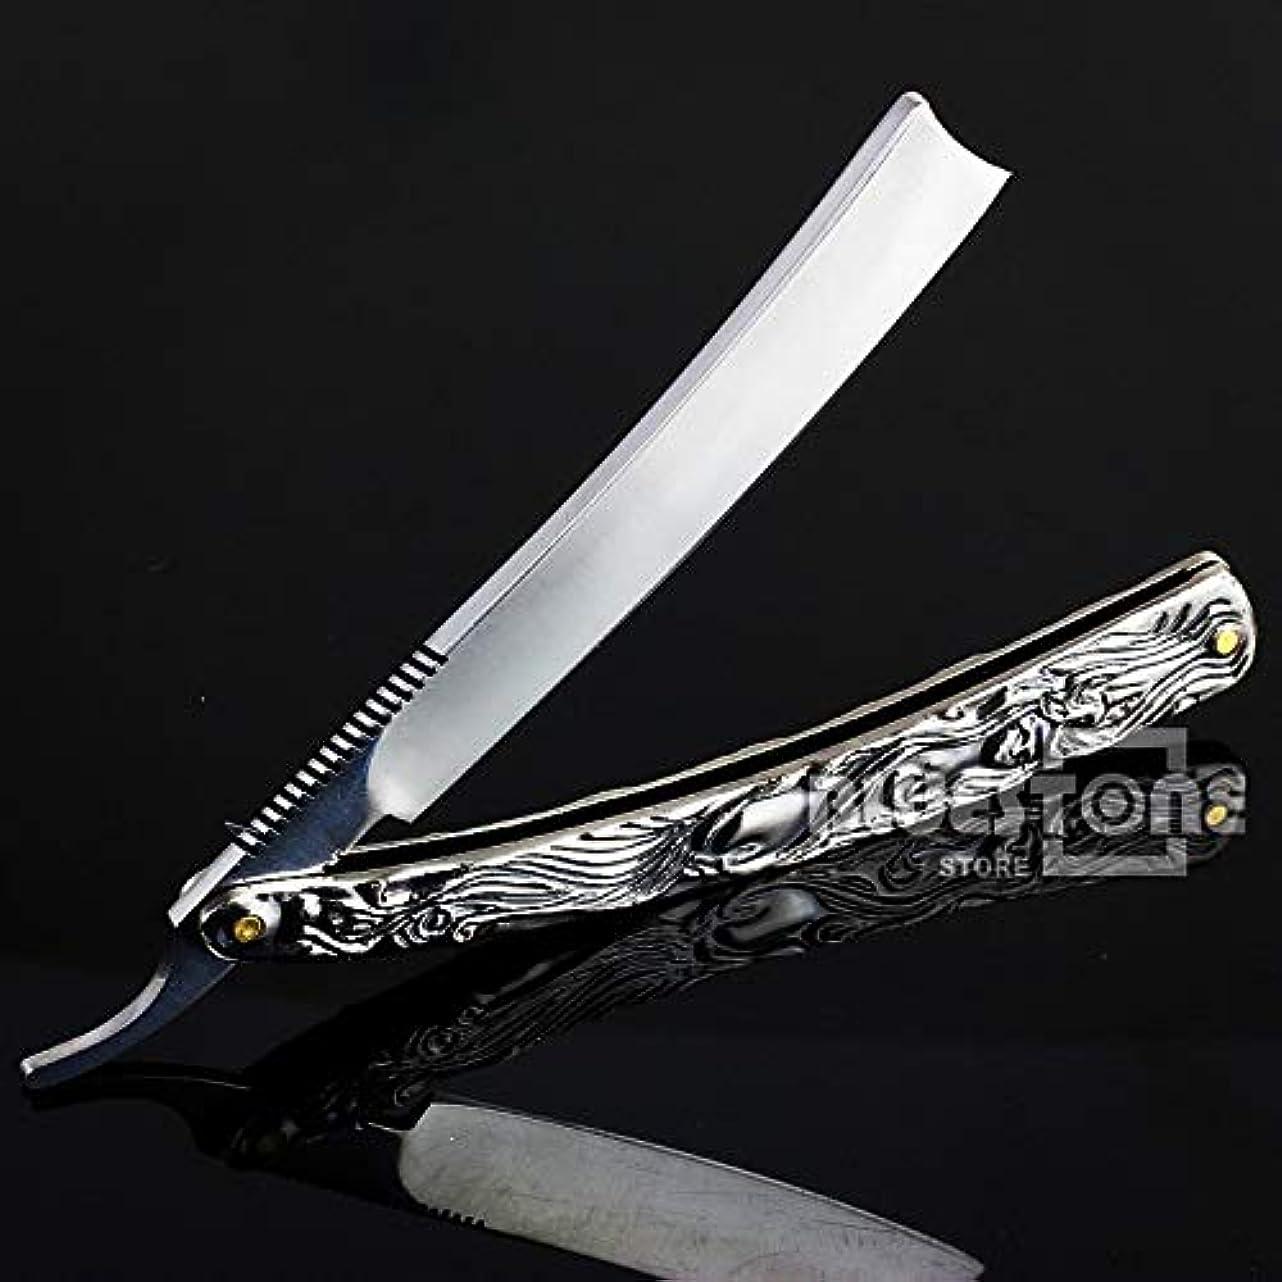 虎機関車マラソンKlaxiaz - 高品質ヴィンテージアルミストレートエッジステンレススチールシェイパー理容カミソリ折りたたみシェービングナイフ